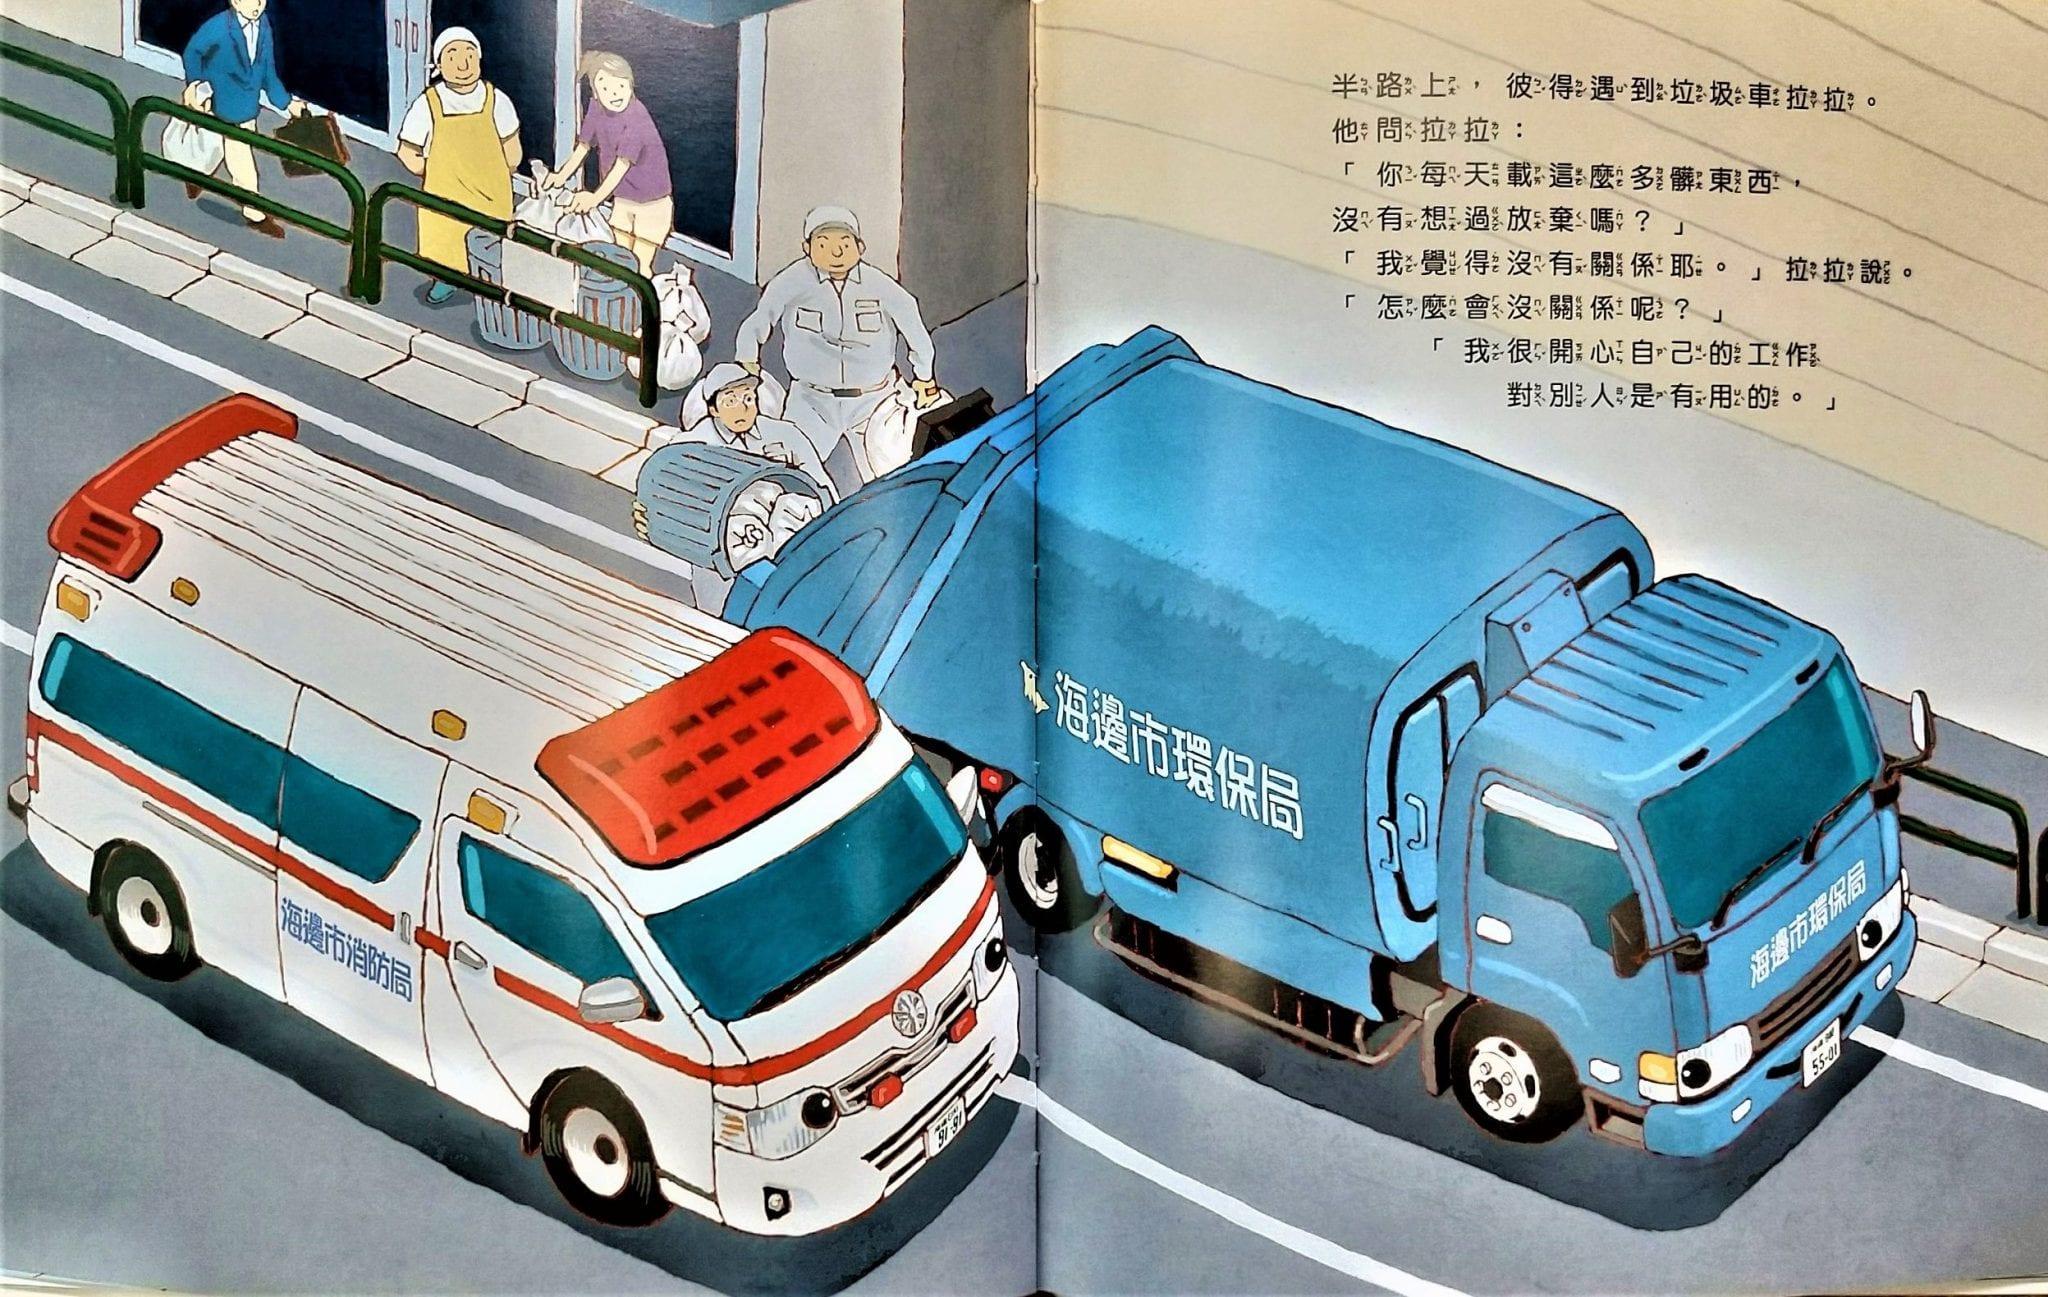 救護車彼得出任務讓孩子認識工作車輛